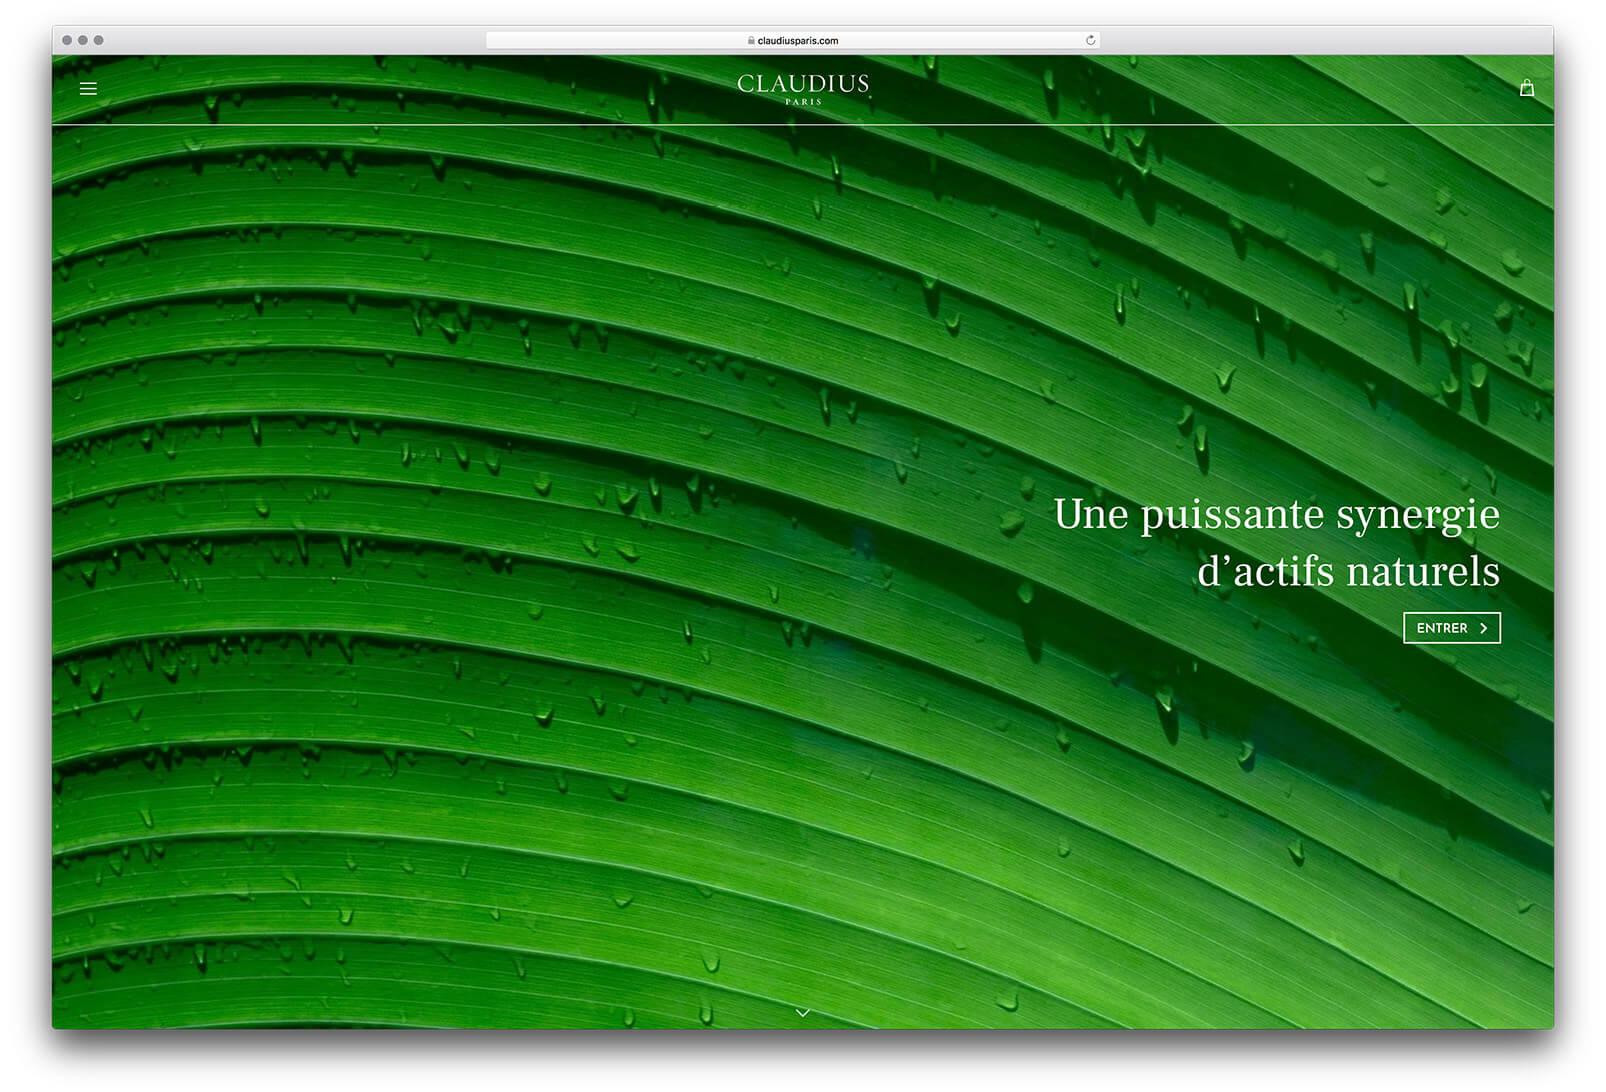 Site internet de Claudius, page d'accueille sur la synergie d'actifs naturels, design par Ichekar